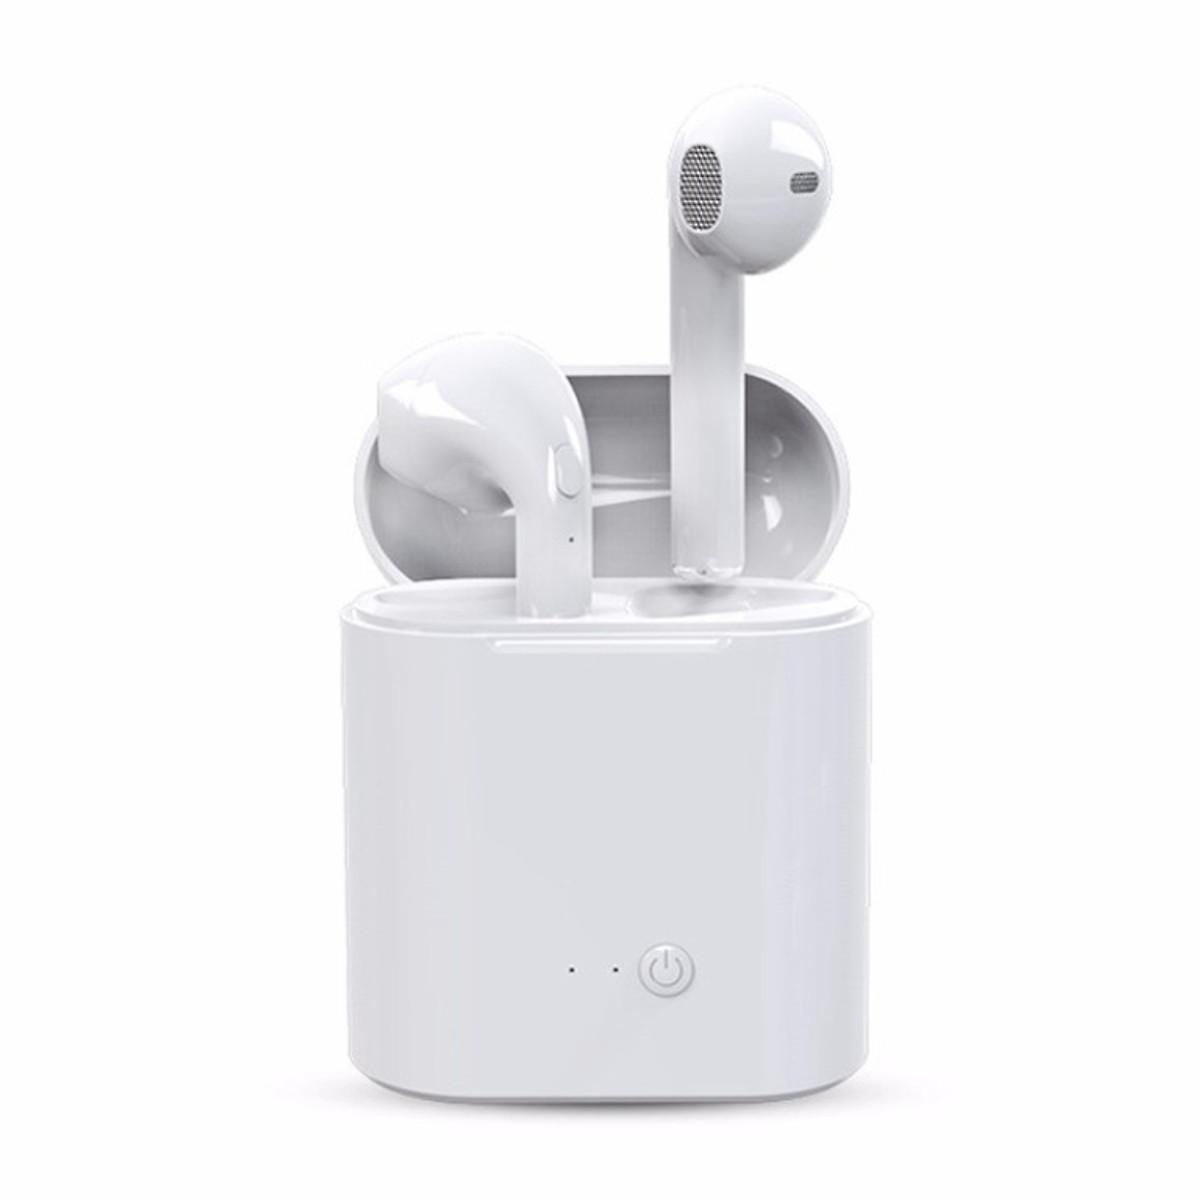 Tai nghe 2 tai Bluetooth không dây I7S cho IPhone, Android - Hàng chính hãng + Tặng thú nhún emoji ngộ nghĩnh